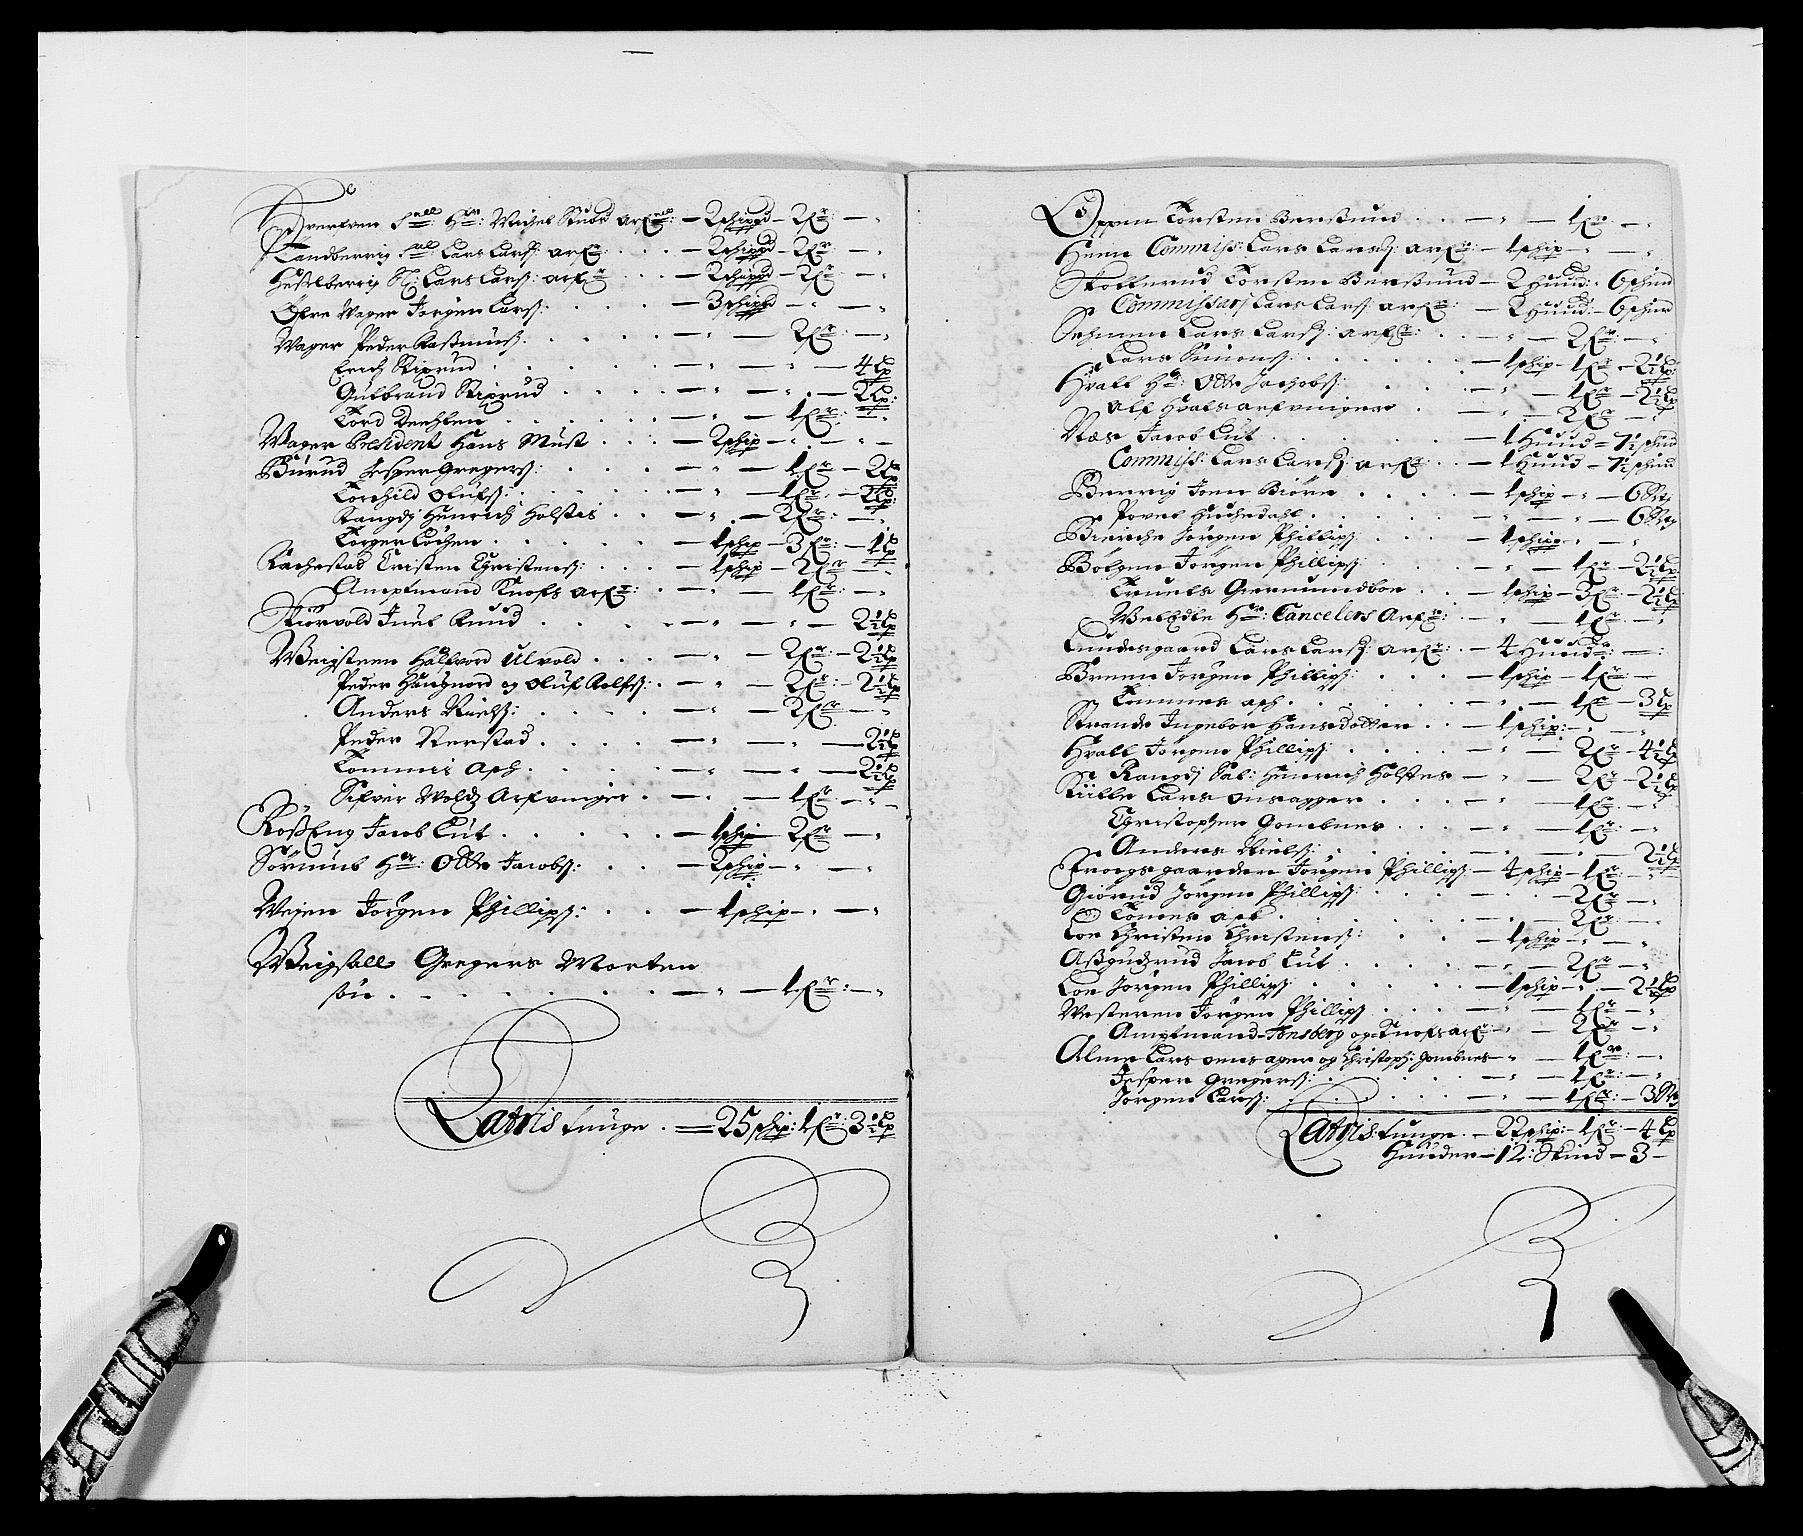 RA, Rentekammeret inntil 1814, Reviderte regnskaper, Fogderegnskap, R21/L1447: Fogderegnskap Ringerike og Hallingdal, 1687-1689, s. 166